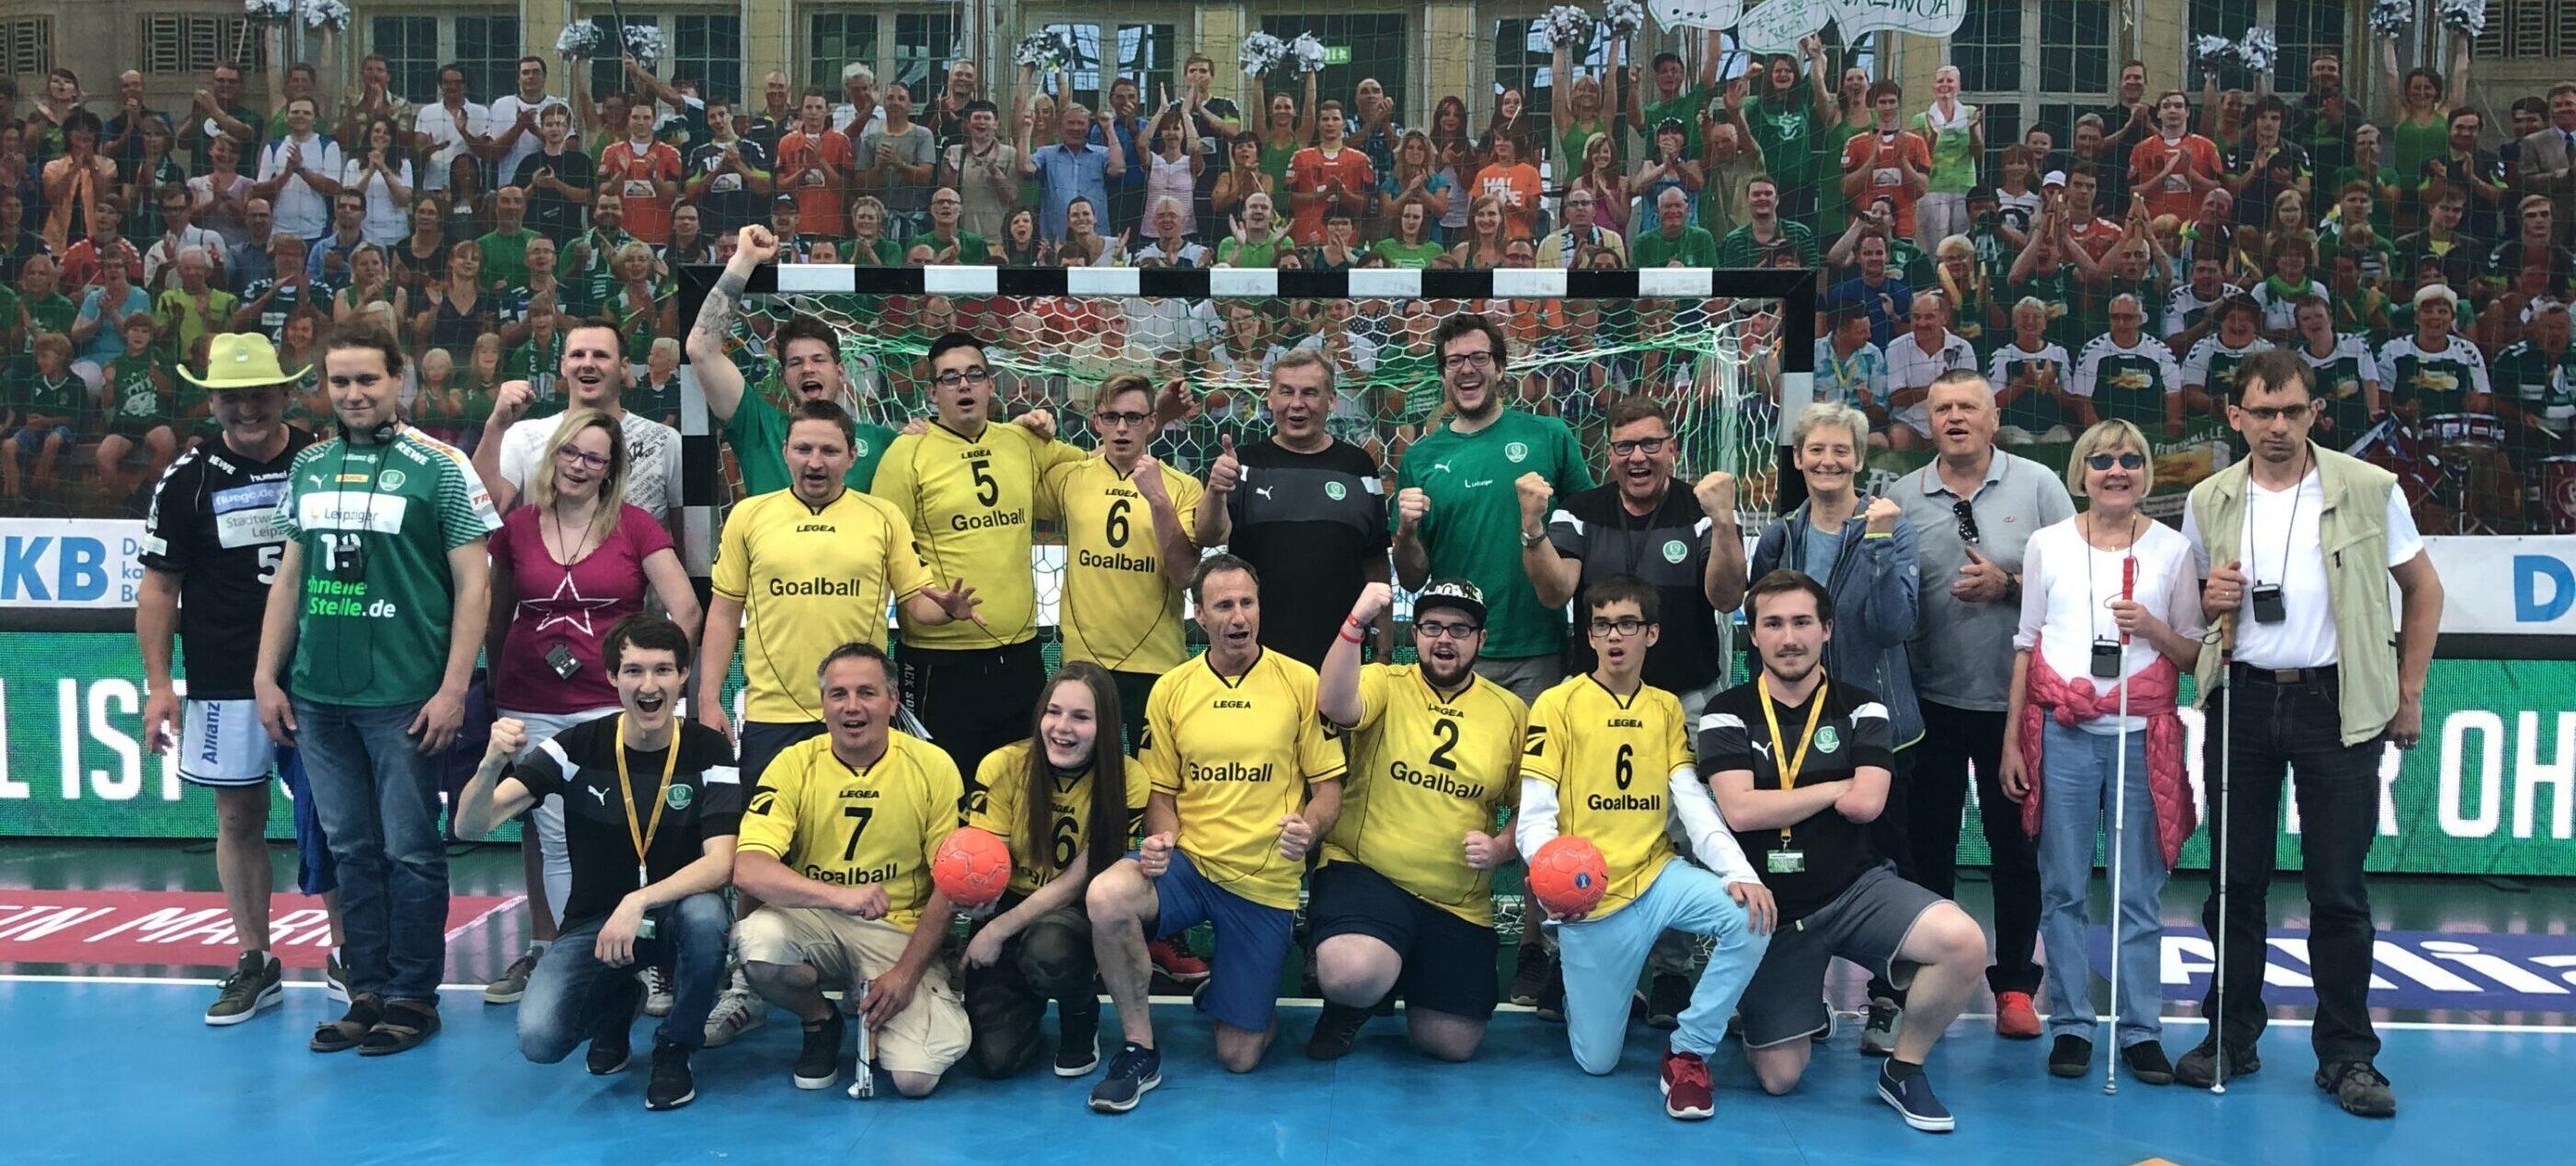 Ein Gruppenfoto mit sehbehinderten und blinden Handballfans, Spielern und einigen Spielern des SC DHfK Handball. Die sehbehinderten und blinden Fans waren bei einer Audiodeskription in der Handball-Bundesliga zu Gast.